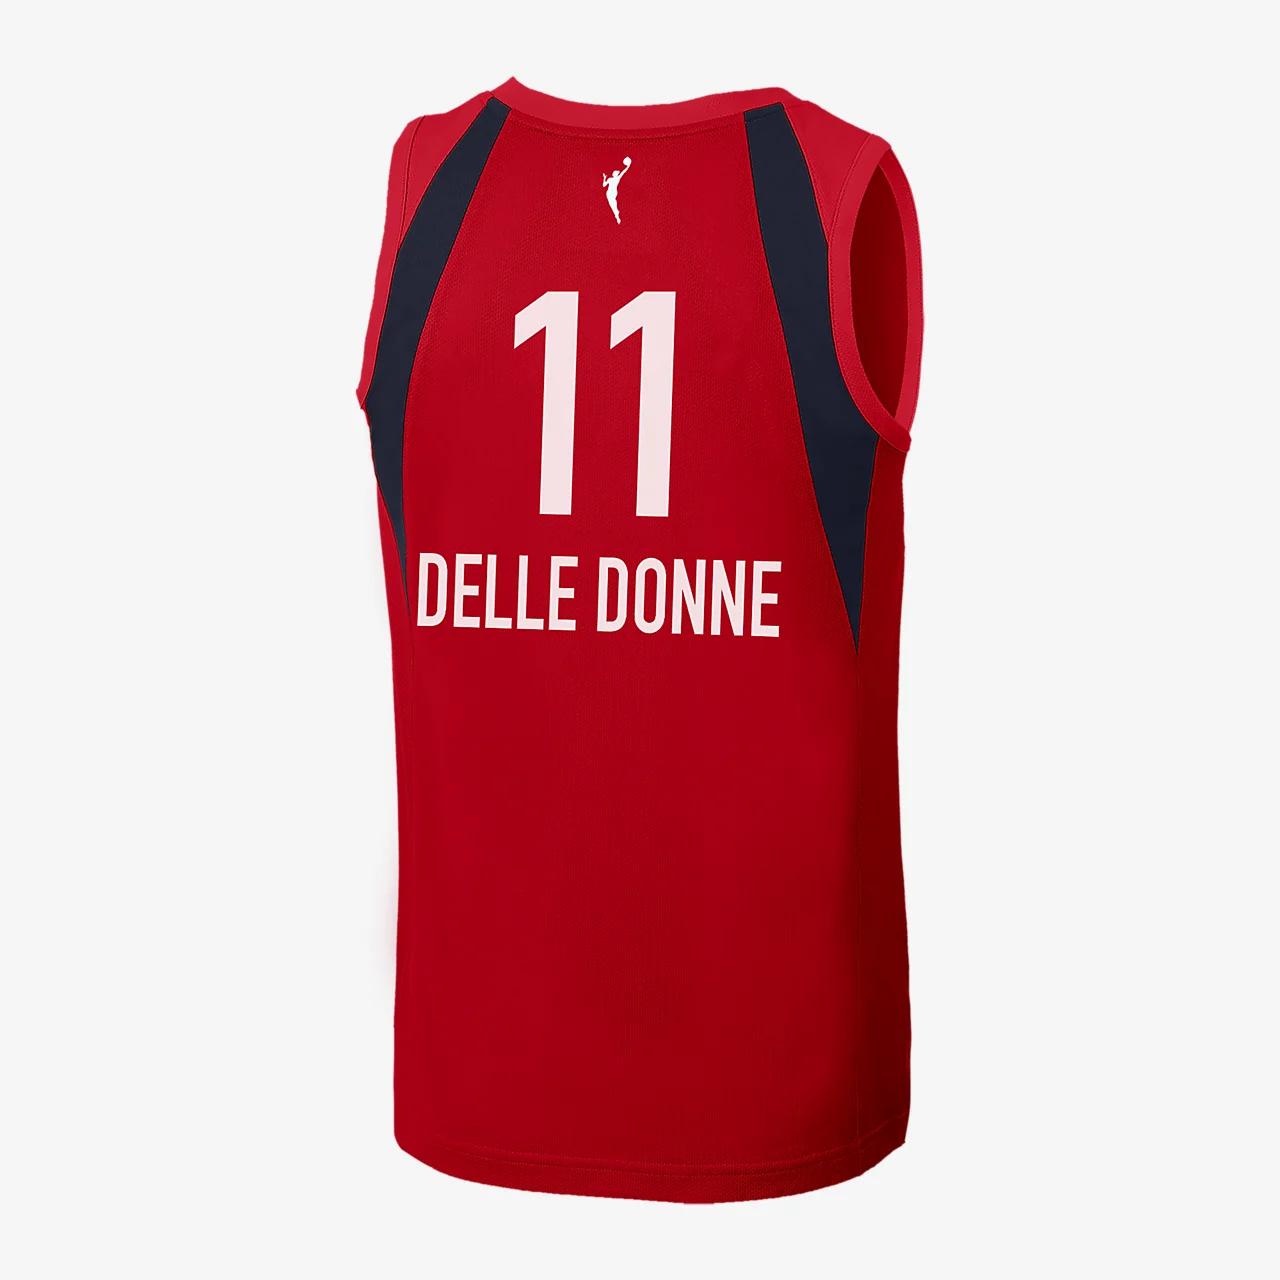 엘레나 델 도네 워싱턴 미스틱스 나이키 WNBA 농구 저지 BBP32882-002